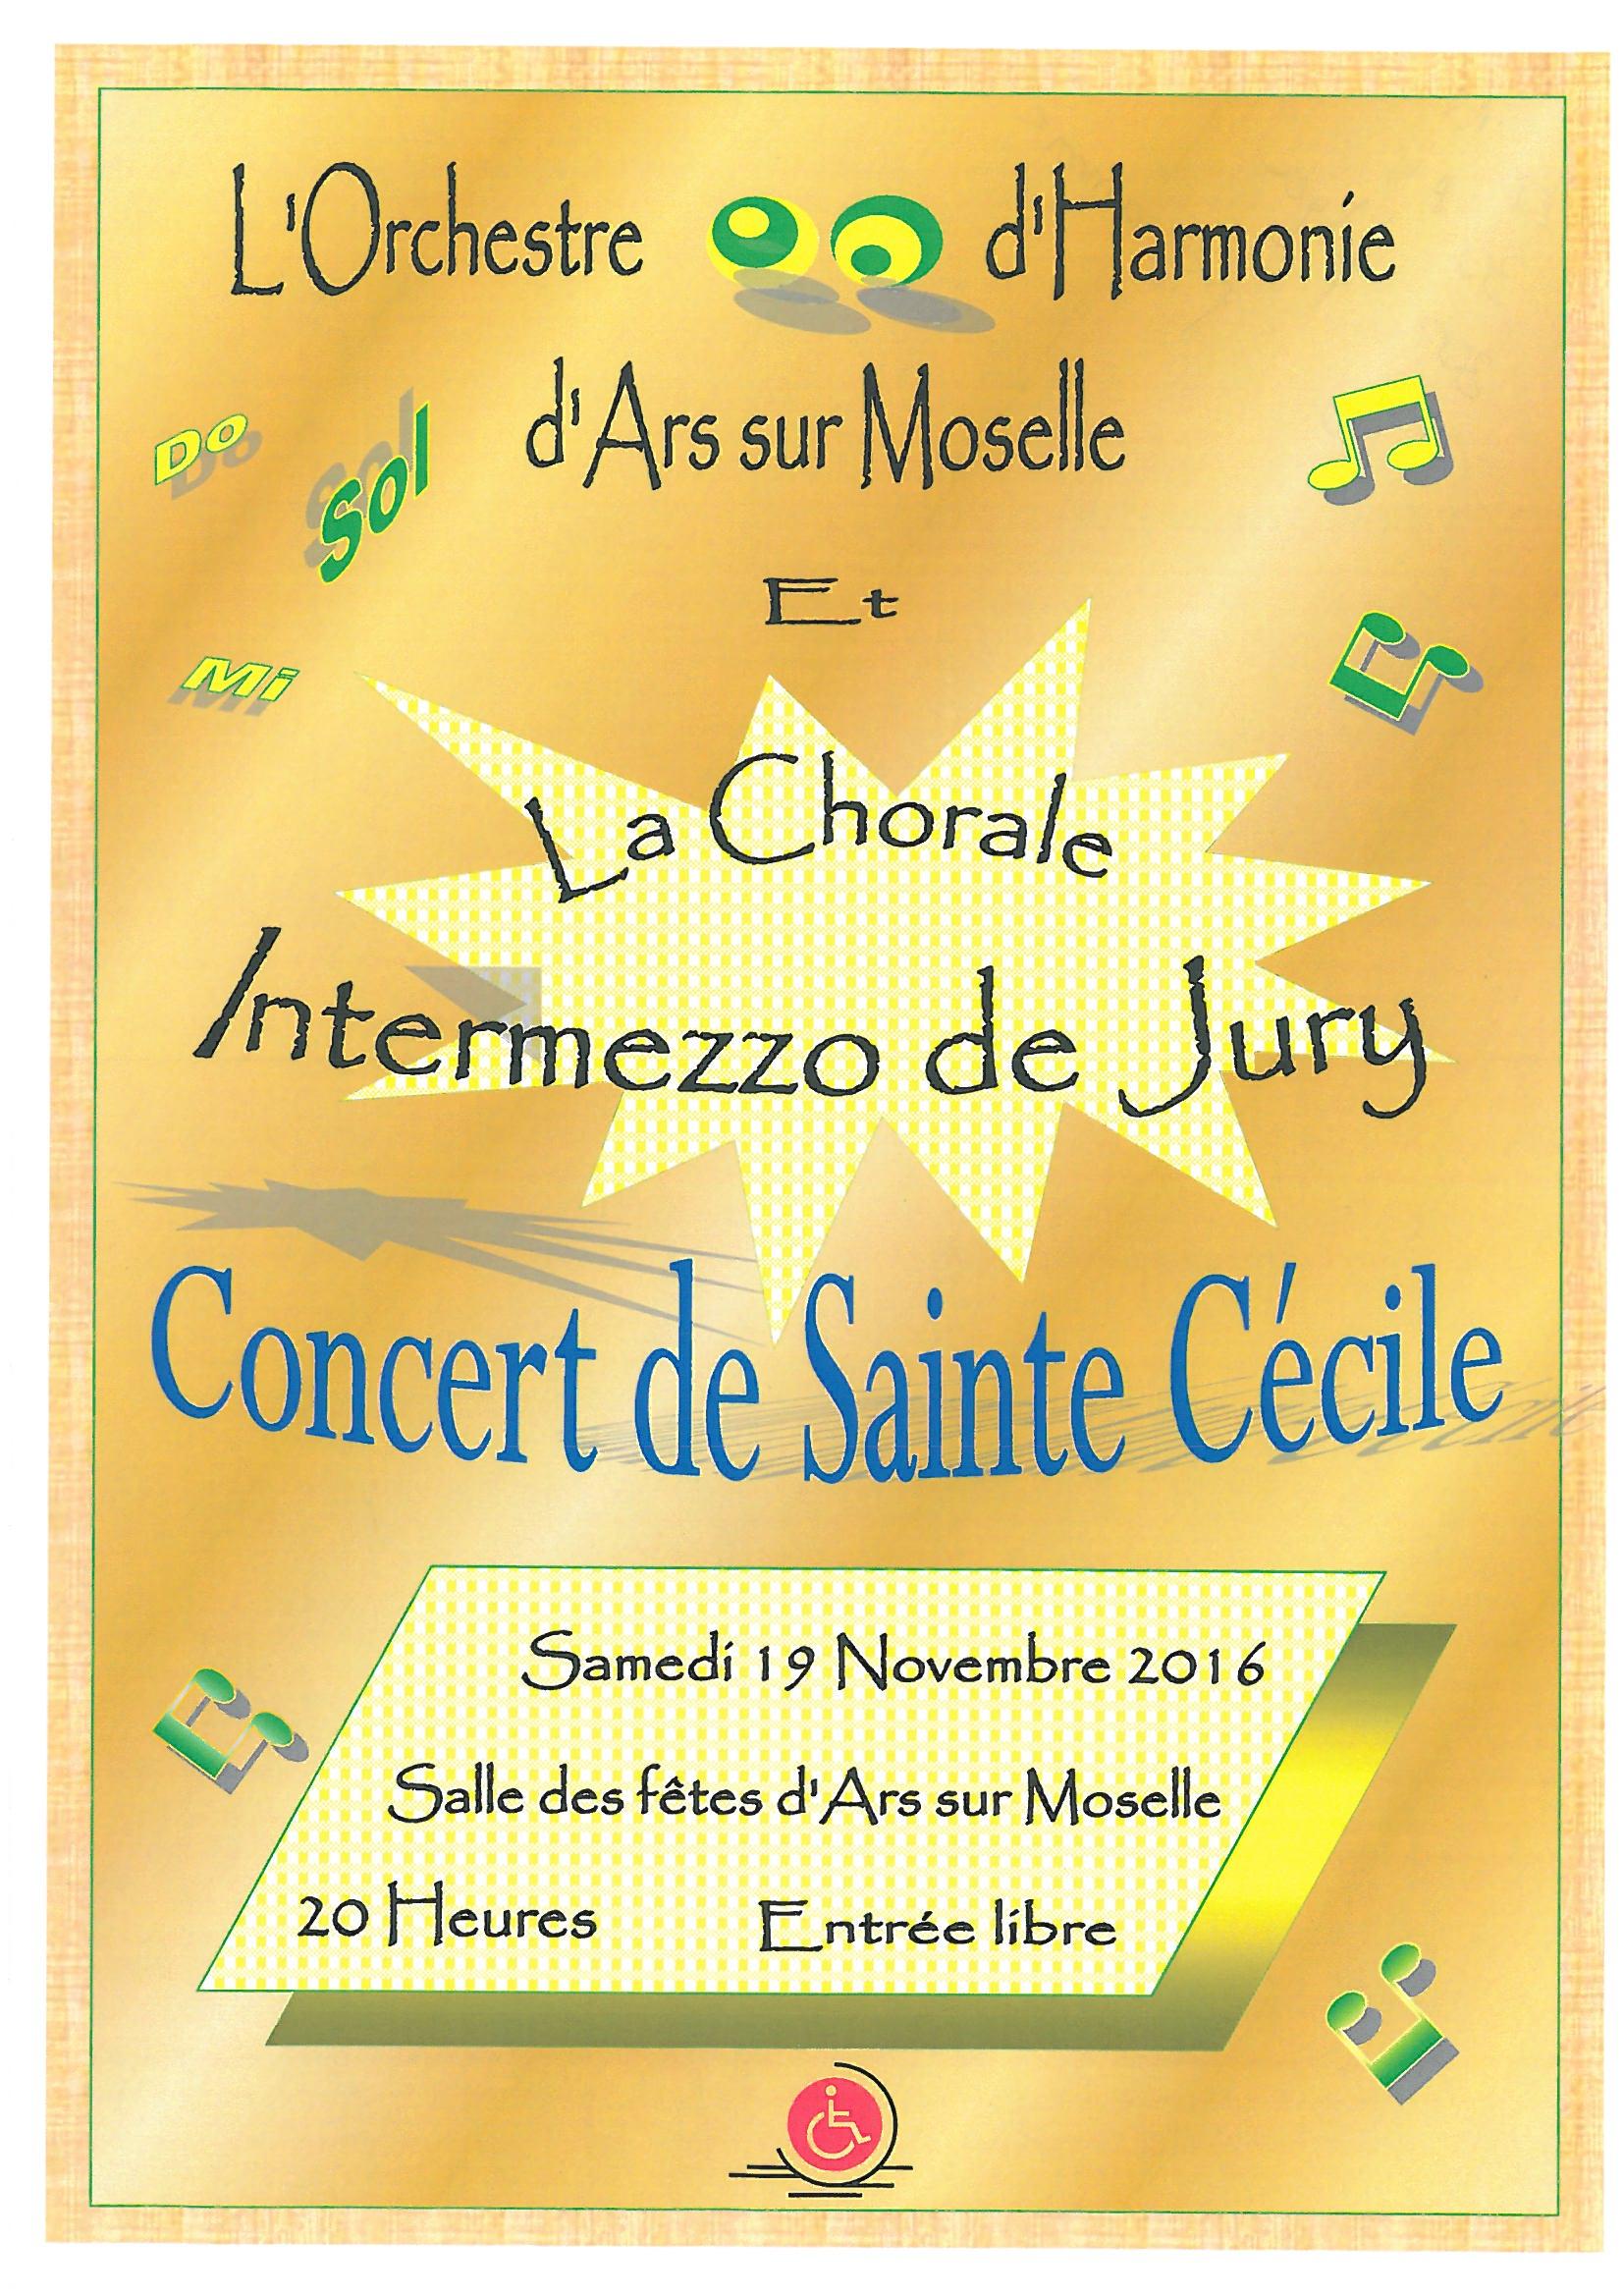 CONCERT DE SAINTE CECILE samedi 19 novembre